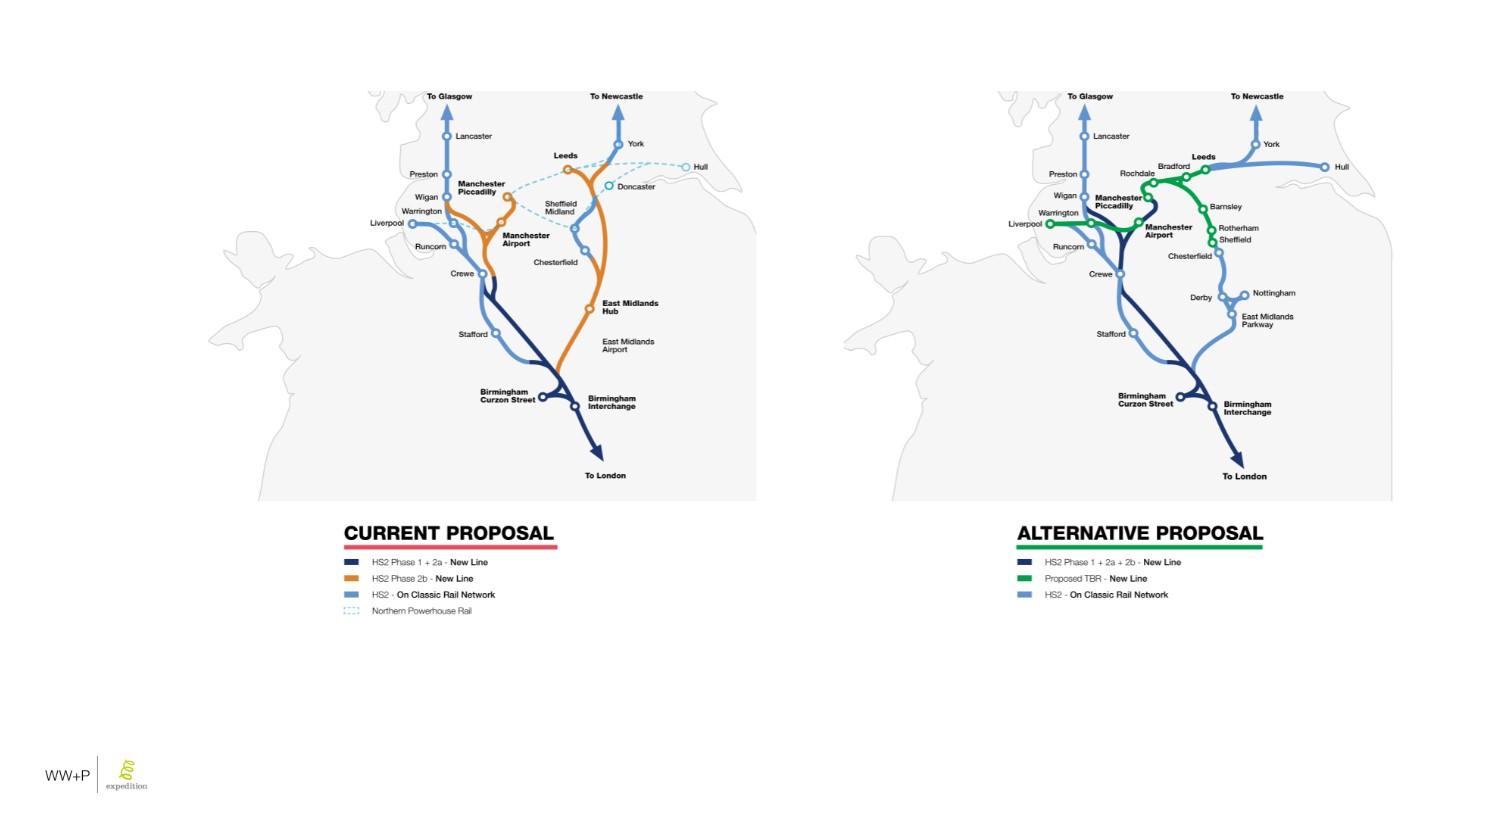 Image-4-TBR-and-HS2-Route-Comparison-Diagram1.jpg